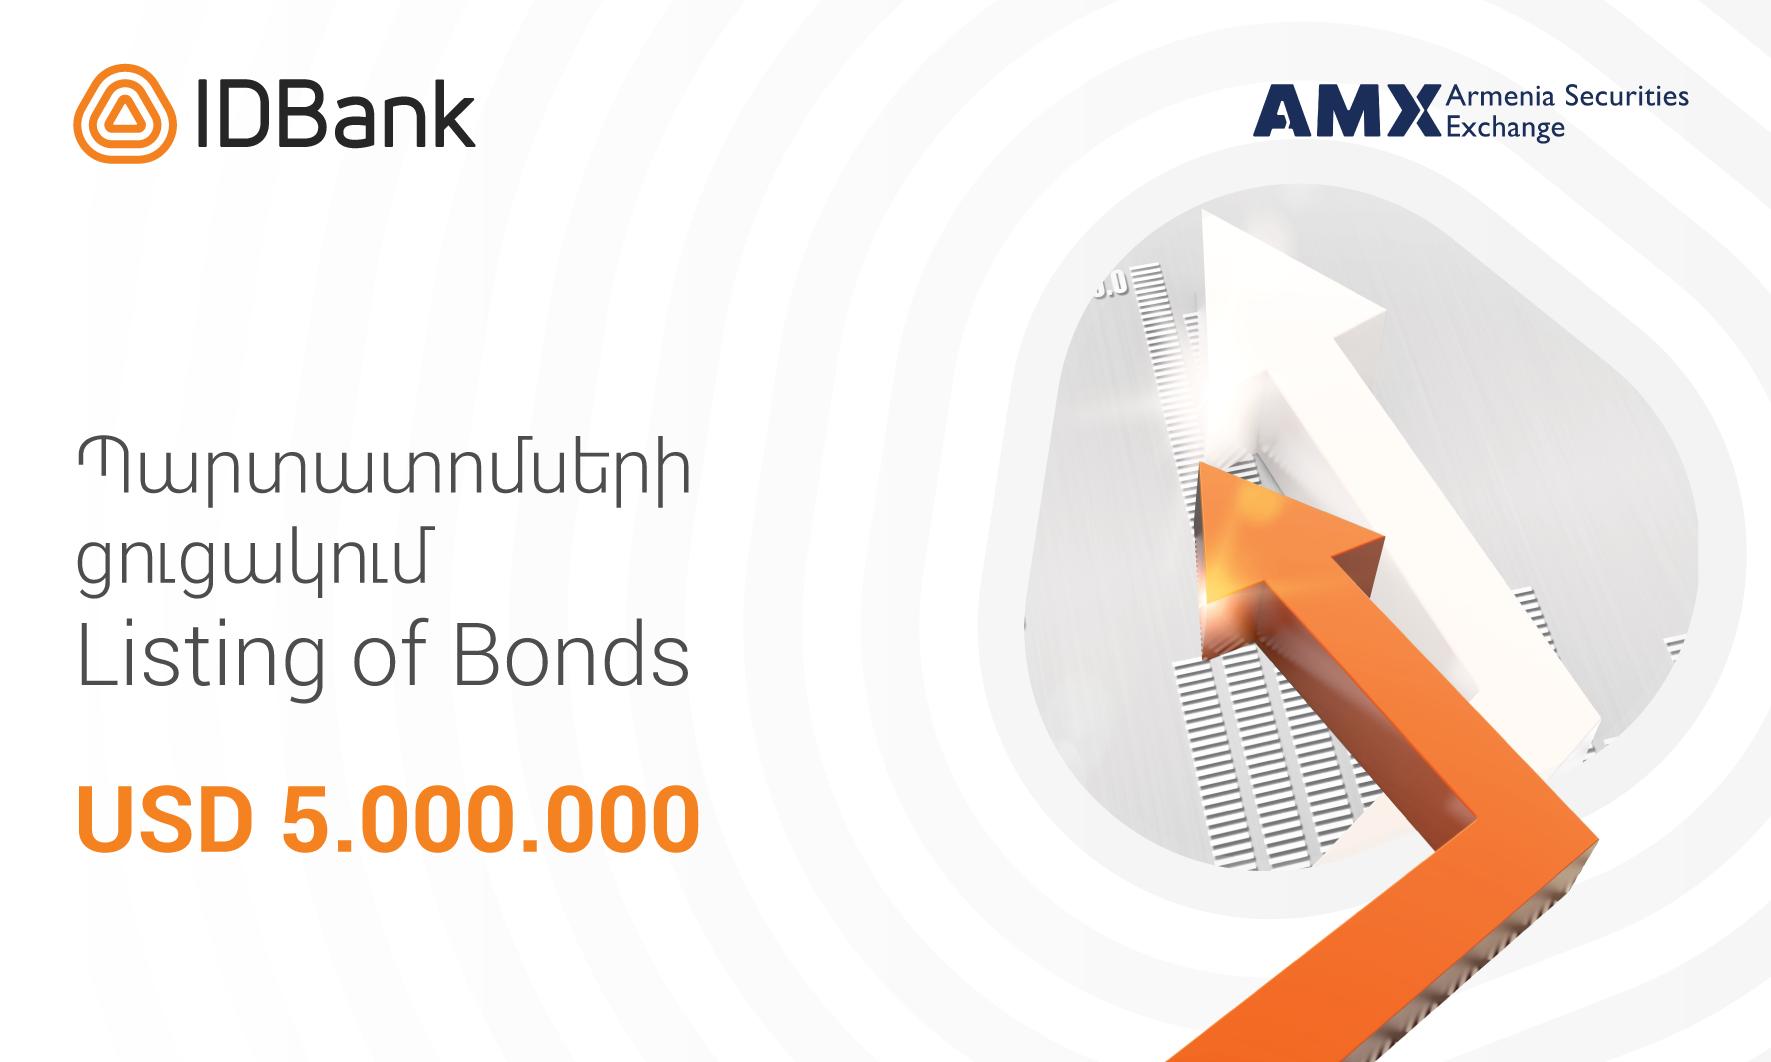 IDBank. 6-րդ թողարկման պարտատոմսերը ցուցակվել են բորսայում